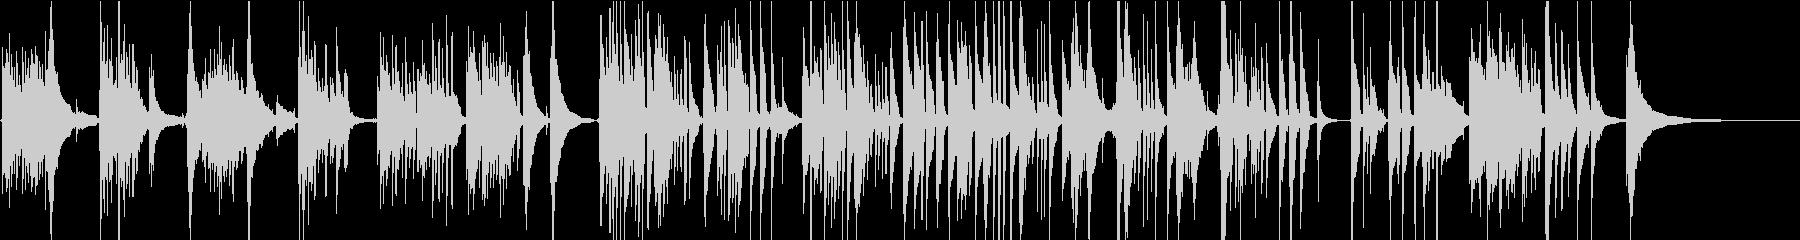 メランコリックでしっとりとしたソロギターの未再生の波形